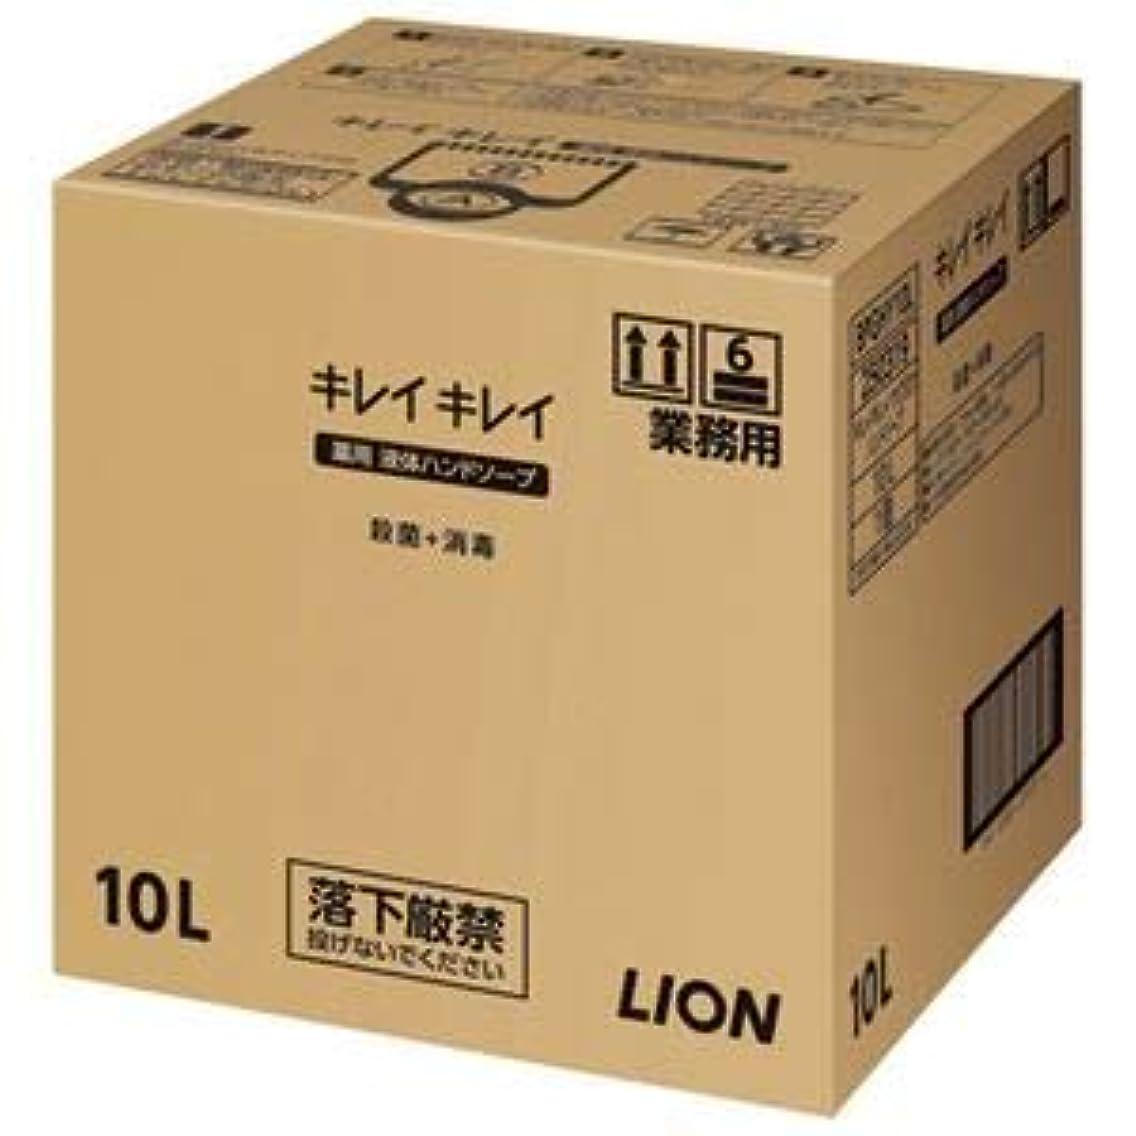 否認する登録するクルーズ(まとめ)ライオン キレイキレイ 薬用ハンドソープ 10L【×5セット】